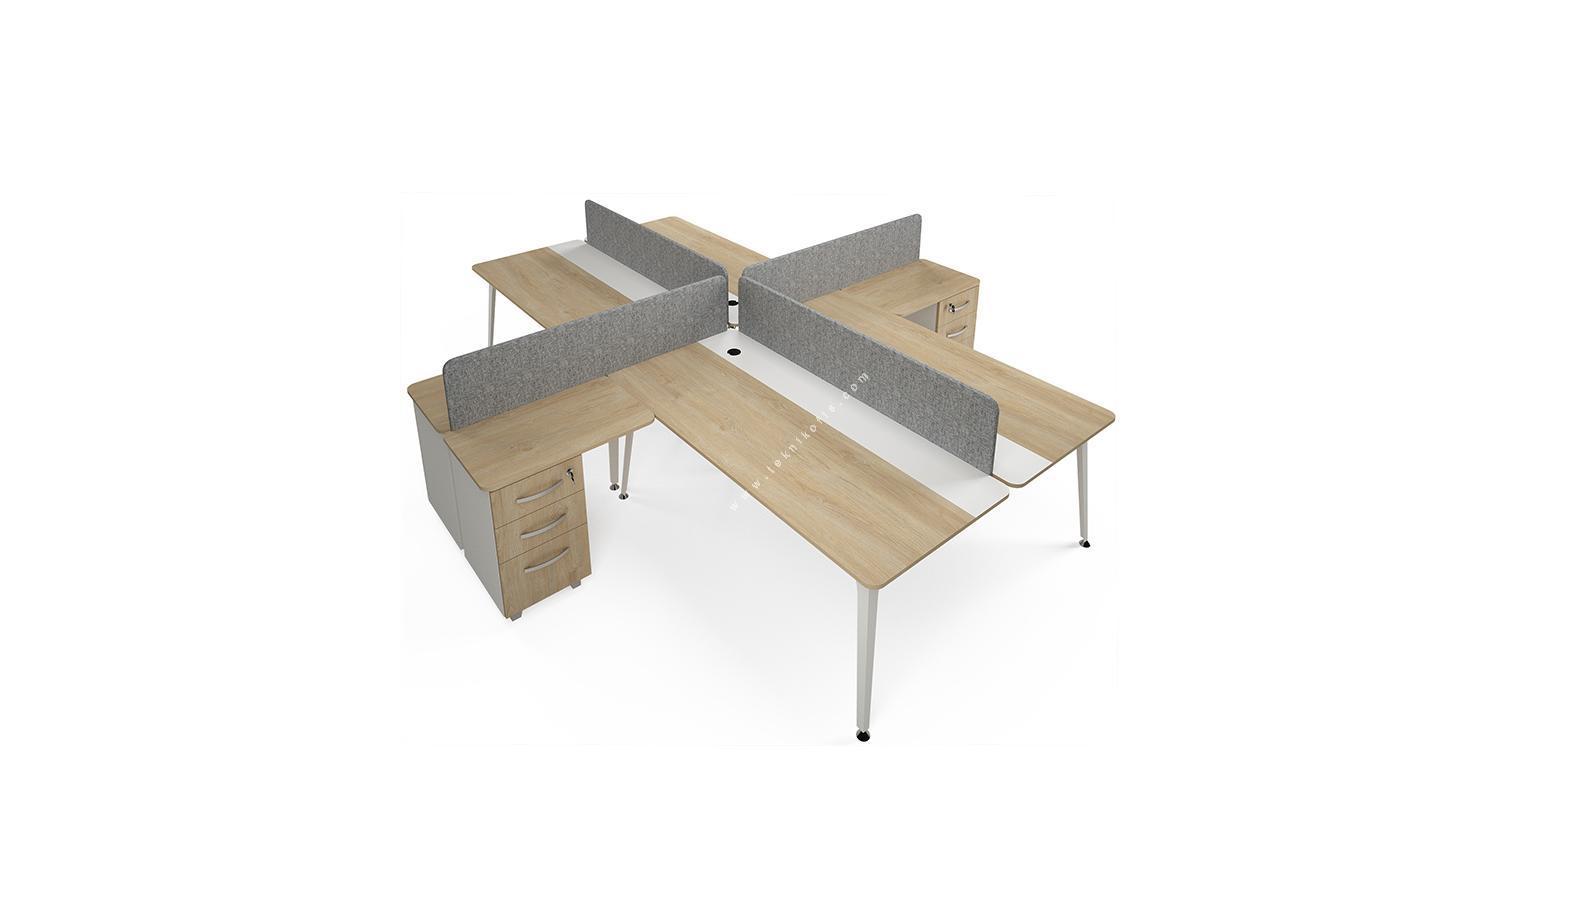 rediste kumaş seperatörlü etajerli dörtlü çalışma masası 362cm